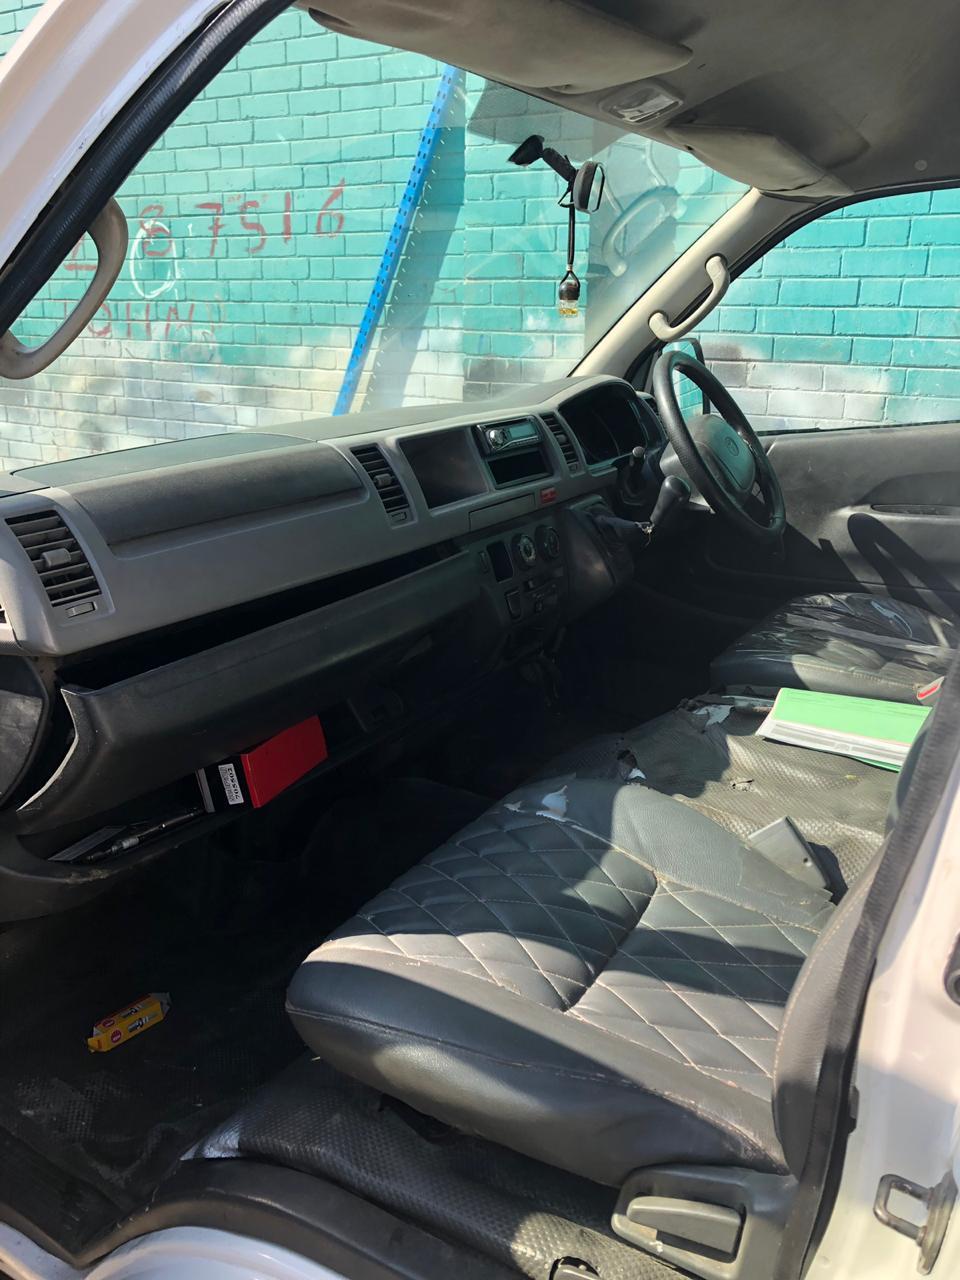 2010 Toyota Quantum 2.7 GL 14 seater bus